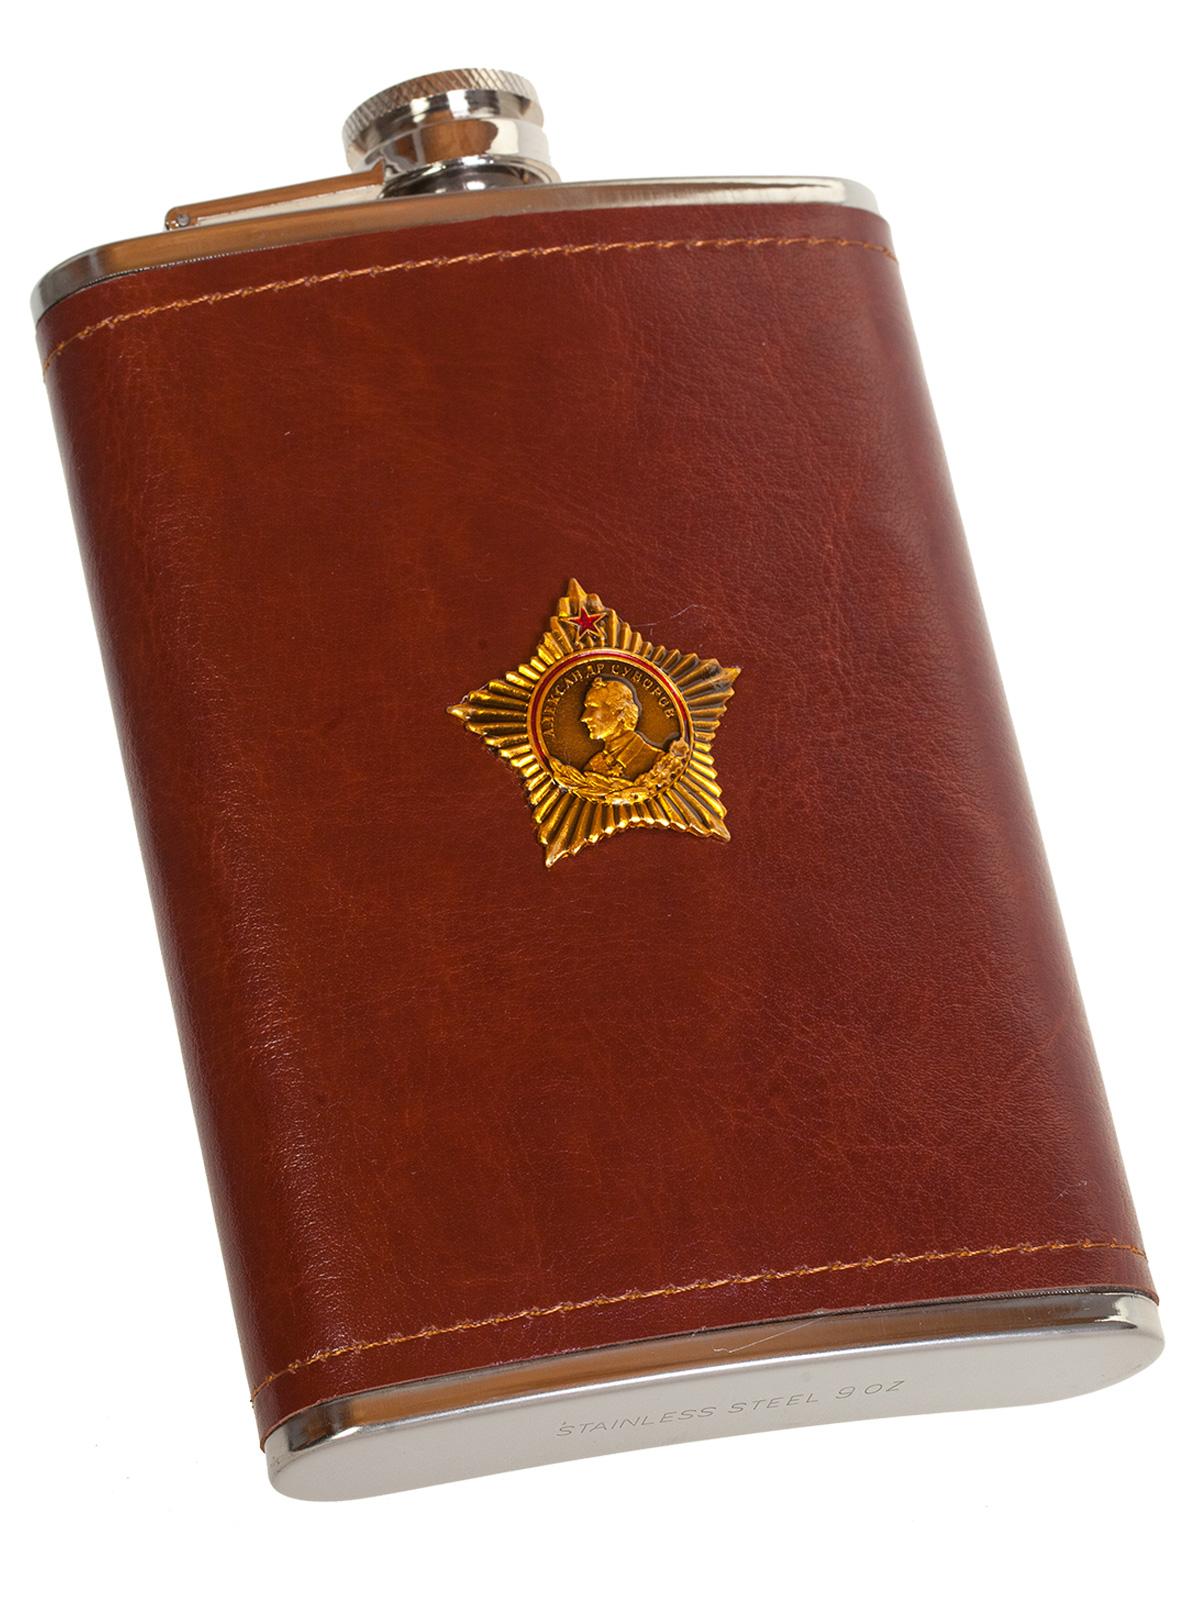 Плоская нержавеющая фляжка в чехле с Орденом Суворова - купить по низкой цене